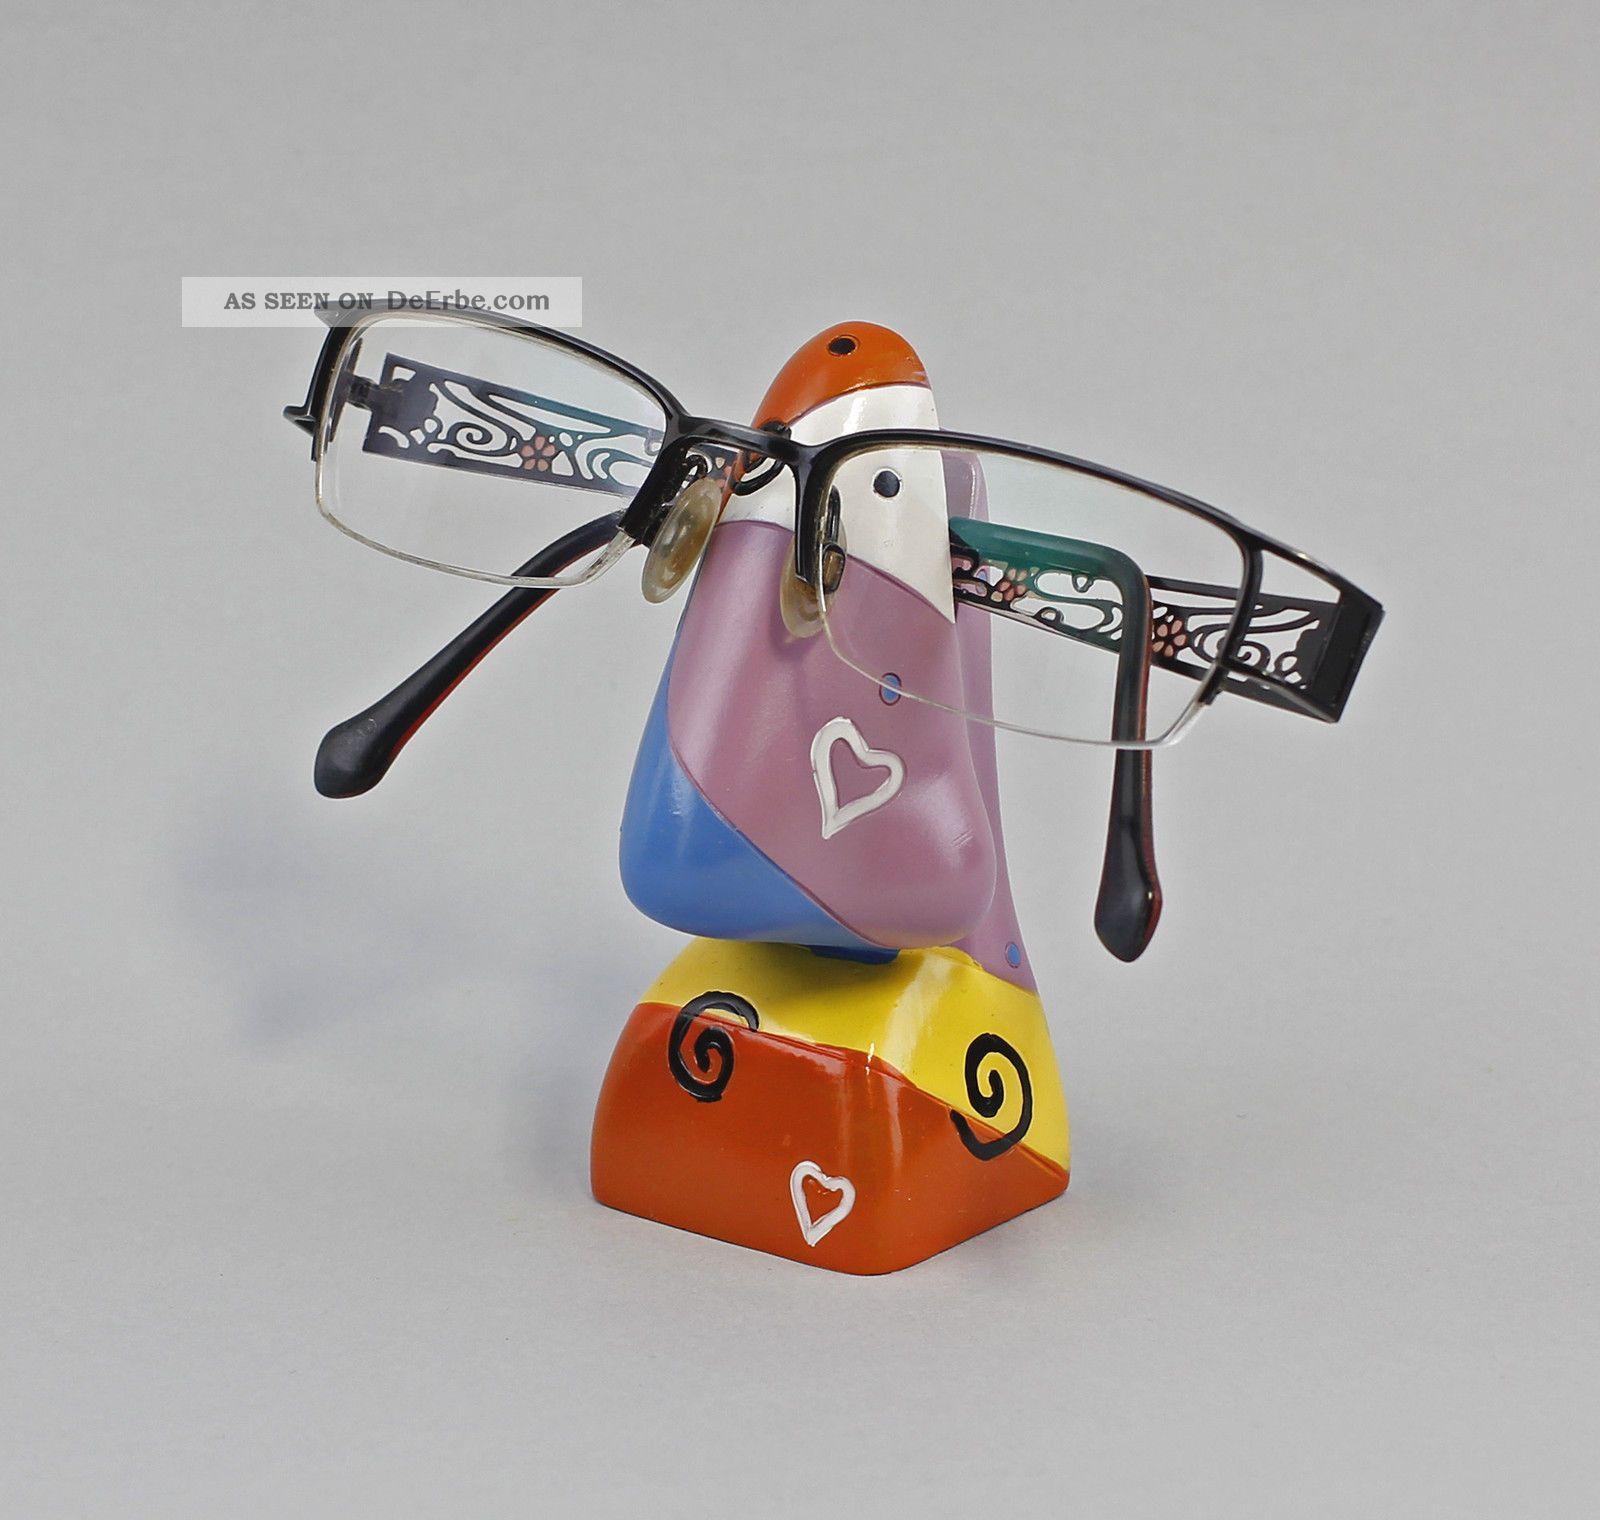 36106 Brillen - Halter Brillen - Ständer Brillenhalter Nase Bunt Ab 2000 Bild